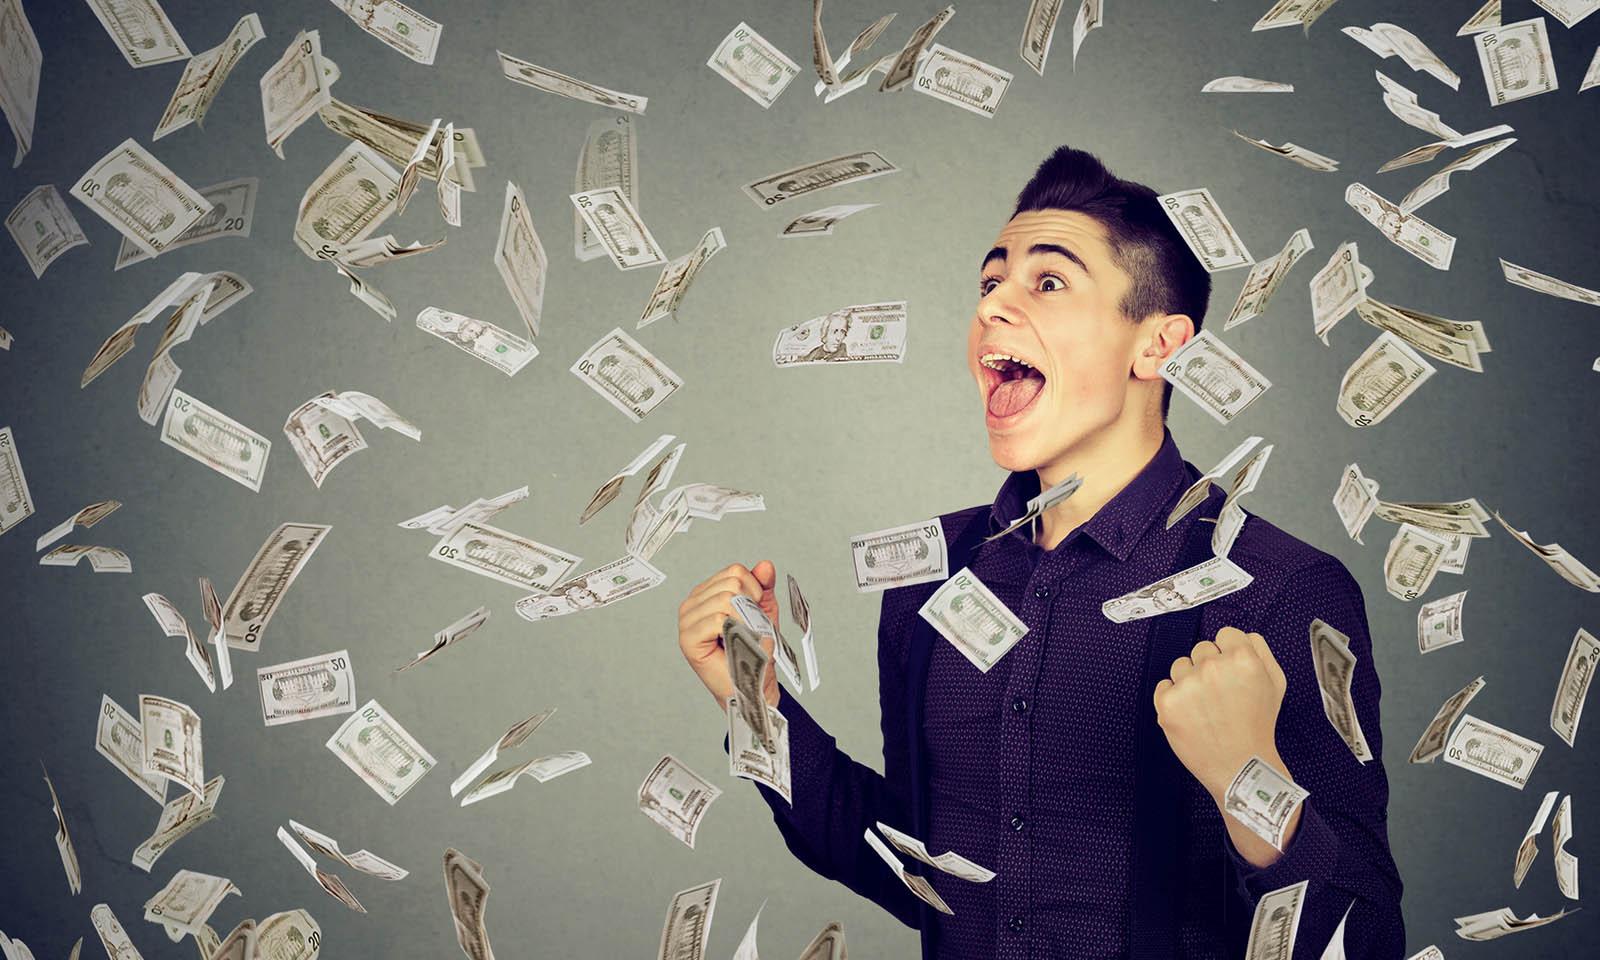 オンラインカジノの魅力と問題点